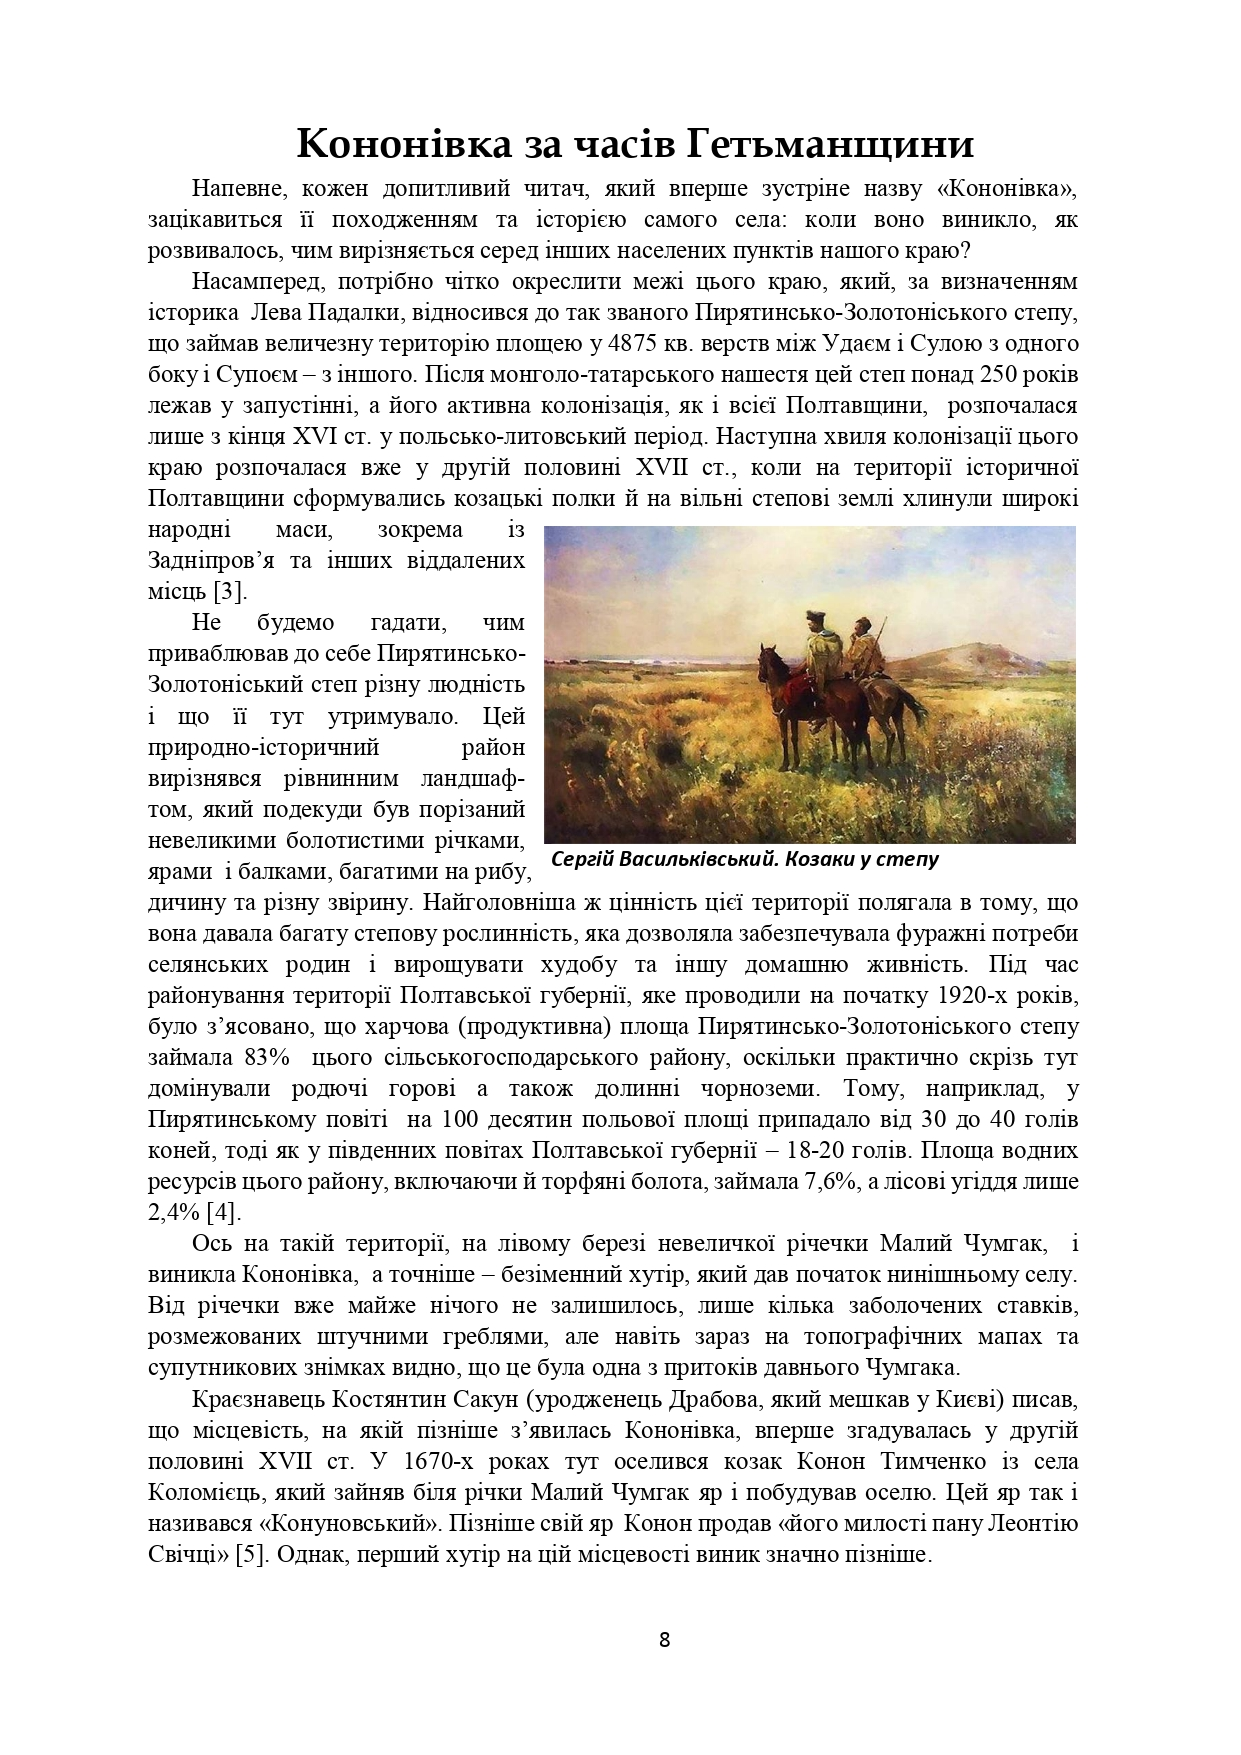 ІСТОРІЯ СЕЛА КОНОНІВКА 2021 (1)_page-0008